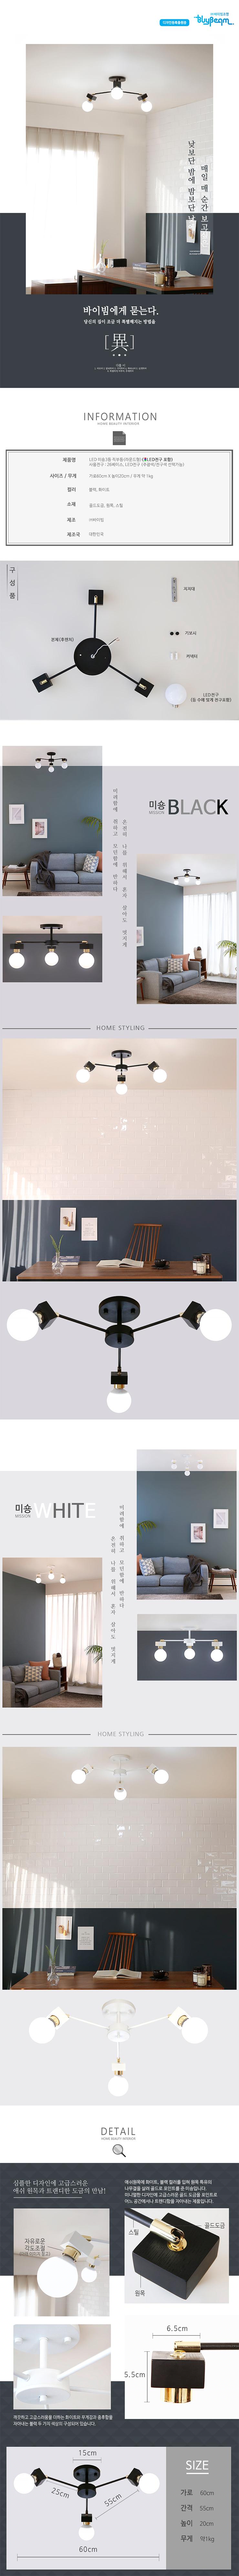 [LED] 미숑3등 직부등-라운드형 - 바이빔, 76,000원, 디자인조명, 팬던트조명